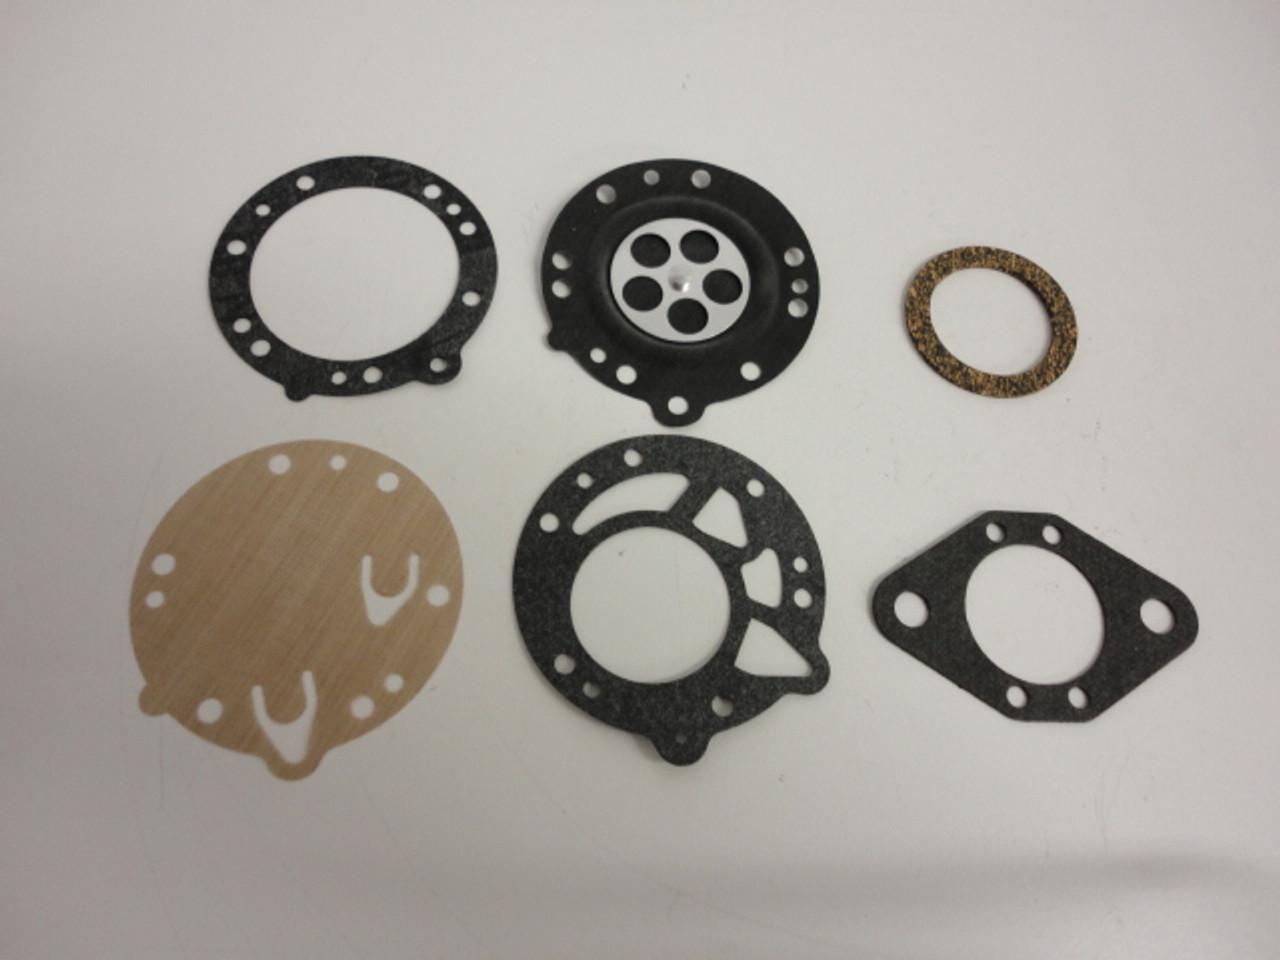 Carburetor Carb Rebuild Kit For STIHL 08 070 090 TS350 TS360 TILLOTSON RK-83HL